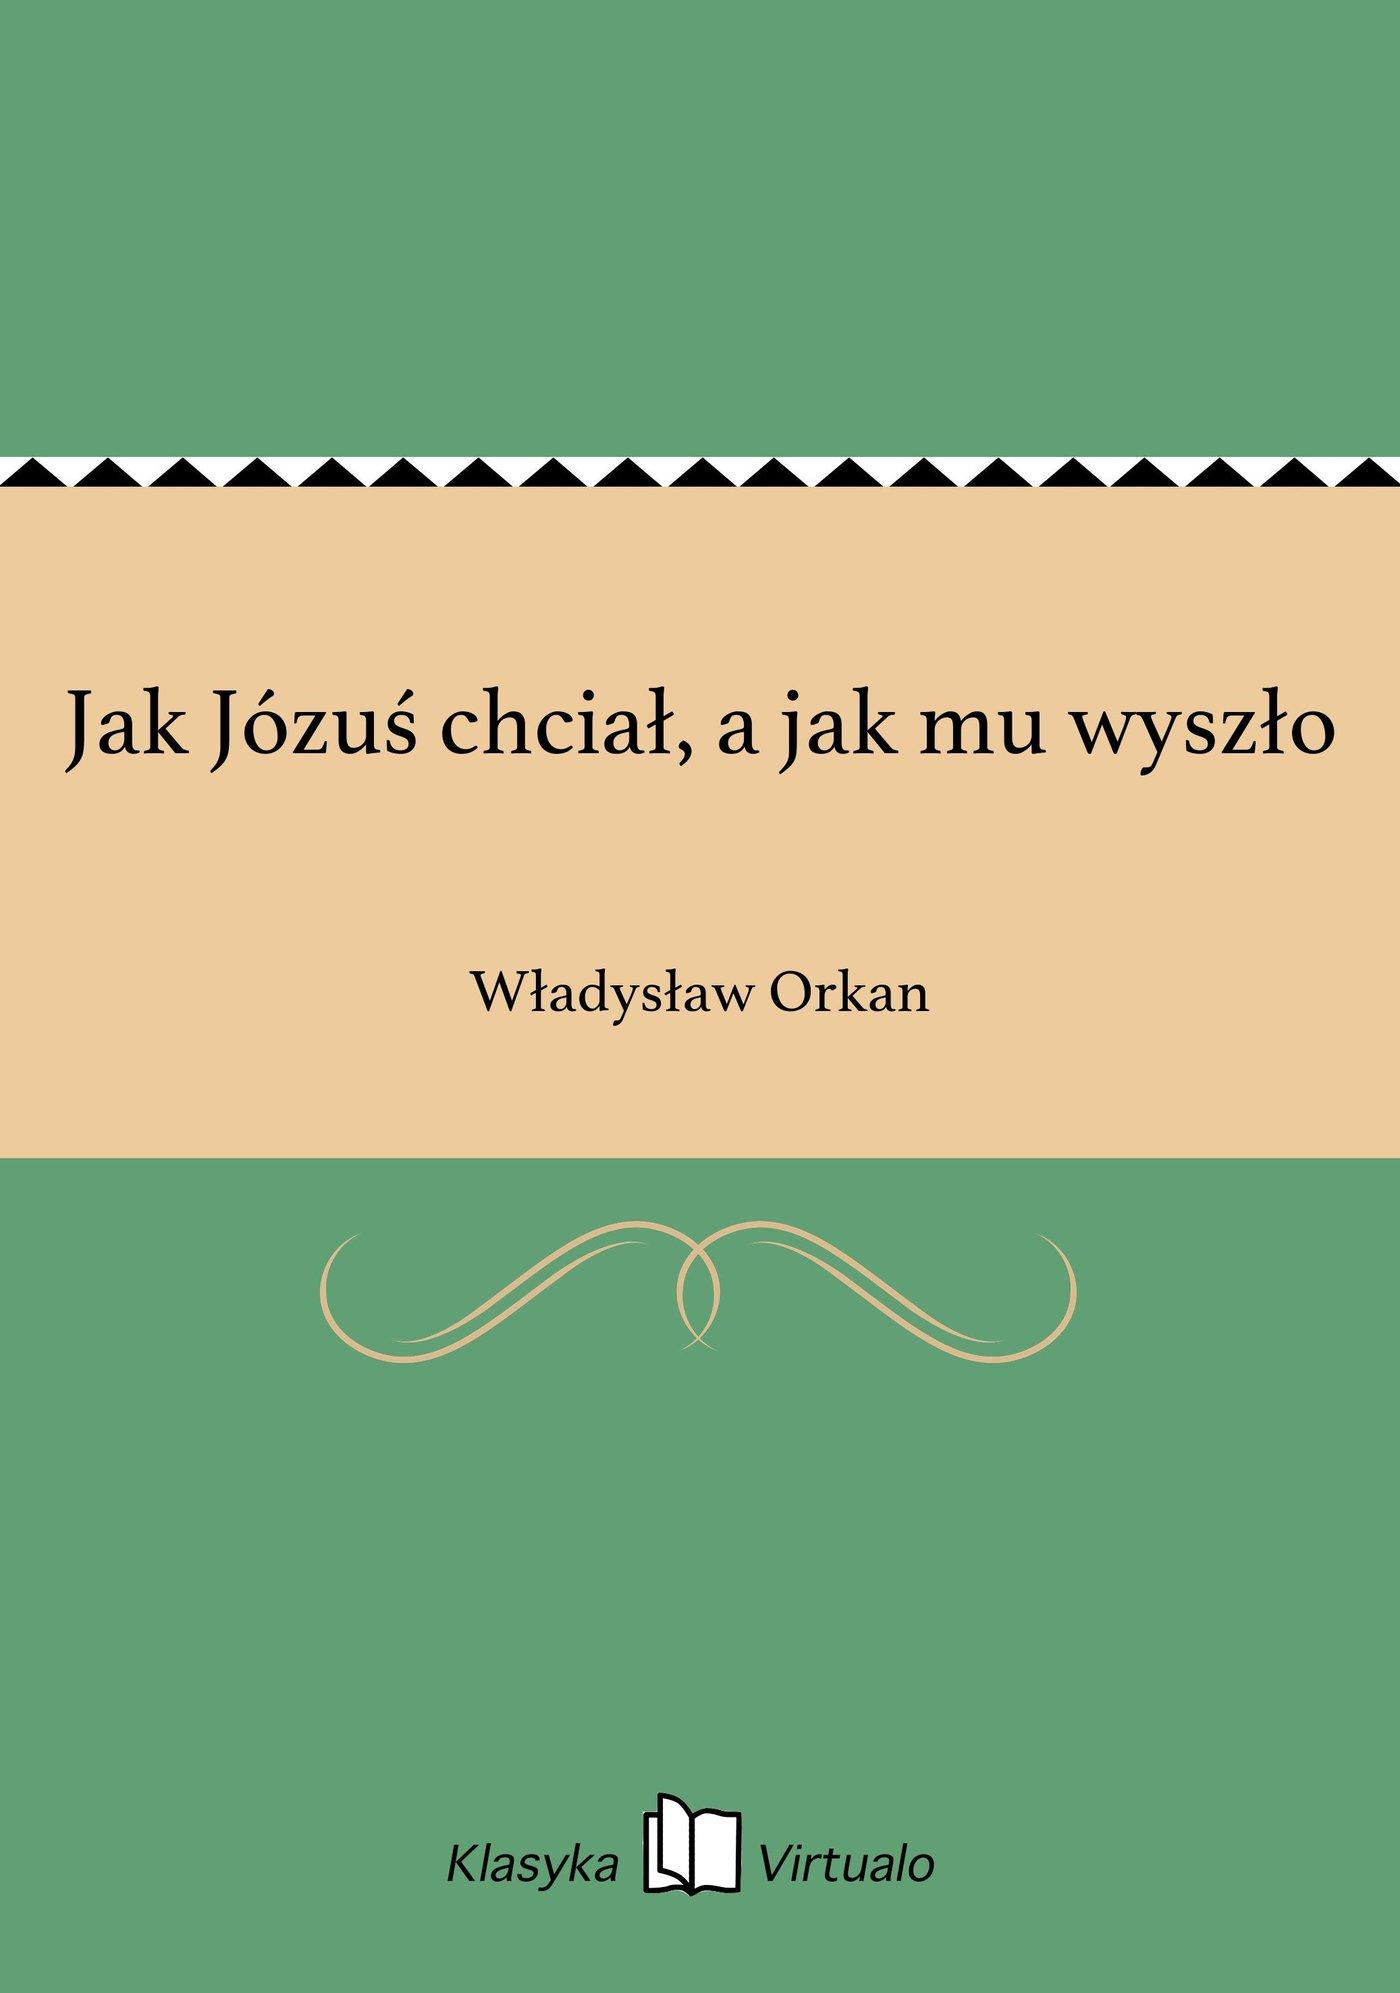 Jak Józuś chciał, a jak mu wyszło - Ebook (Książka EPUB) do pobrania w formacie EPUB